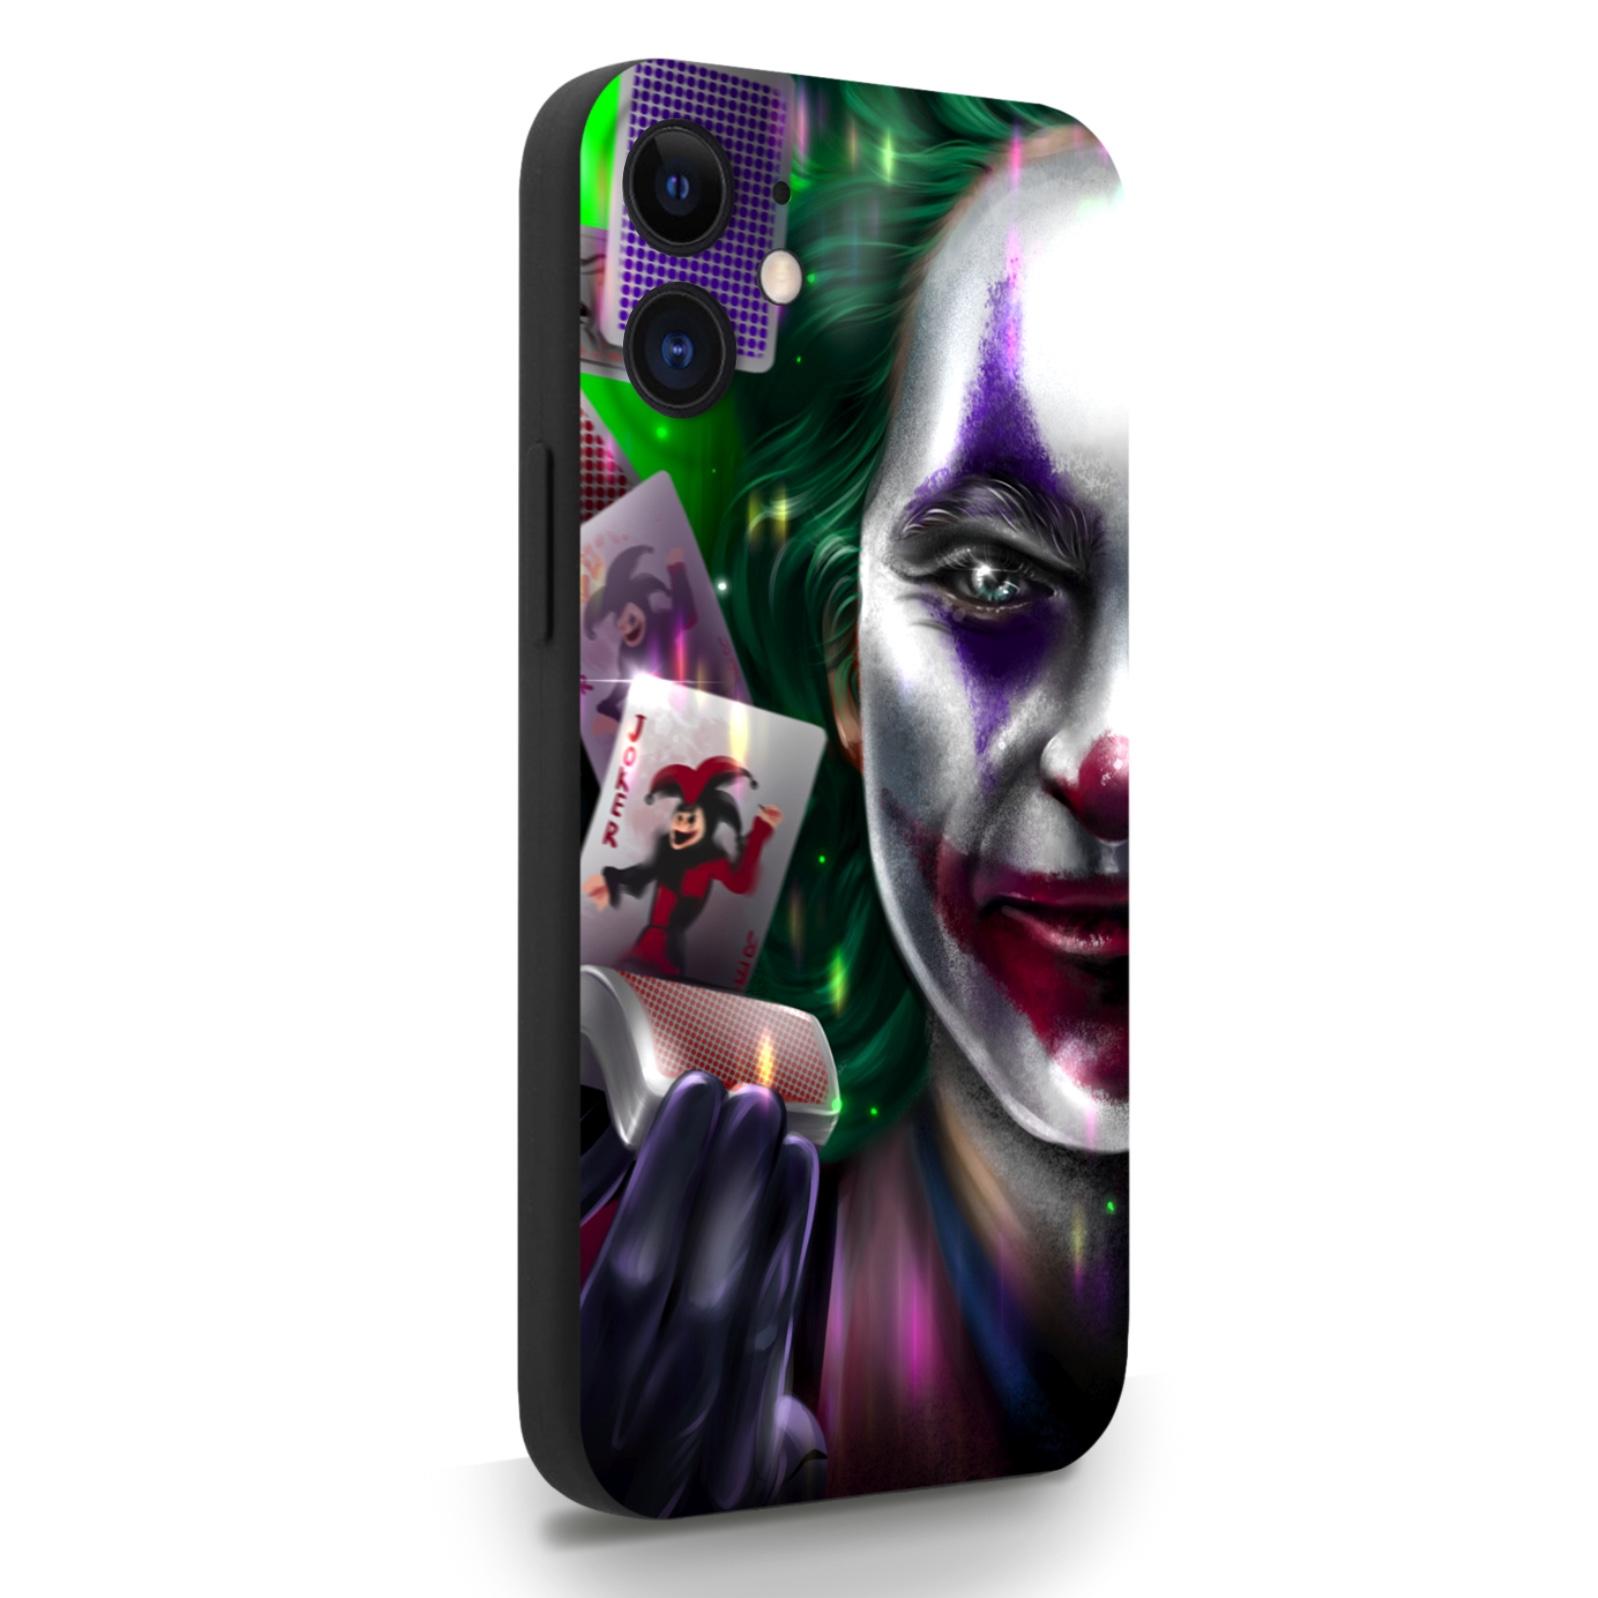 Черный силиконовый чехол для iPhone 12 Mini Joker/ Джокер для Айфон 12 Мини